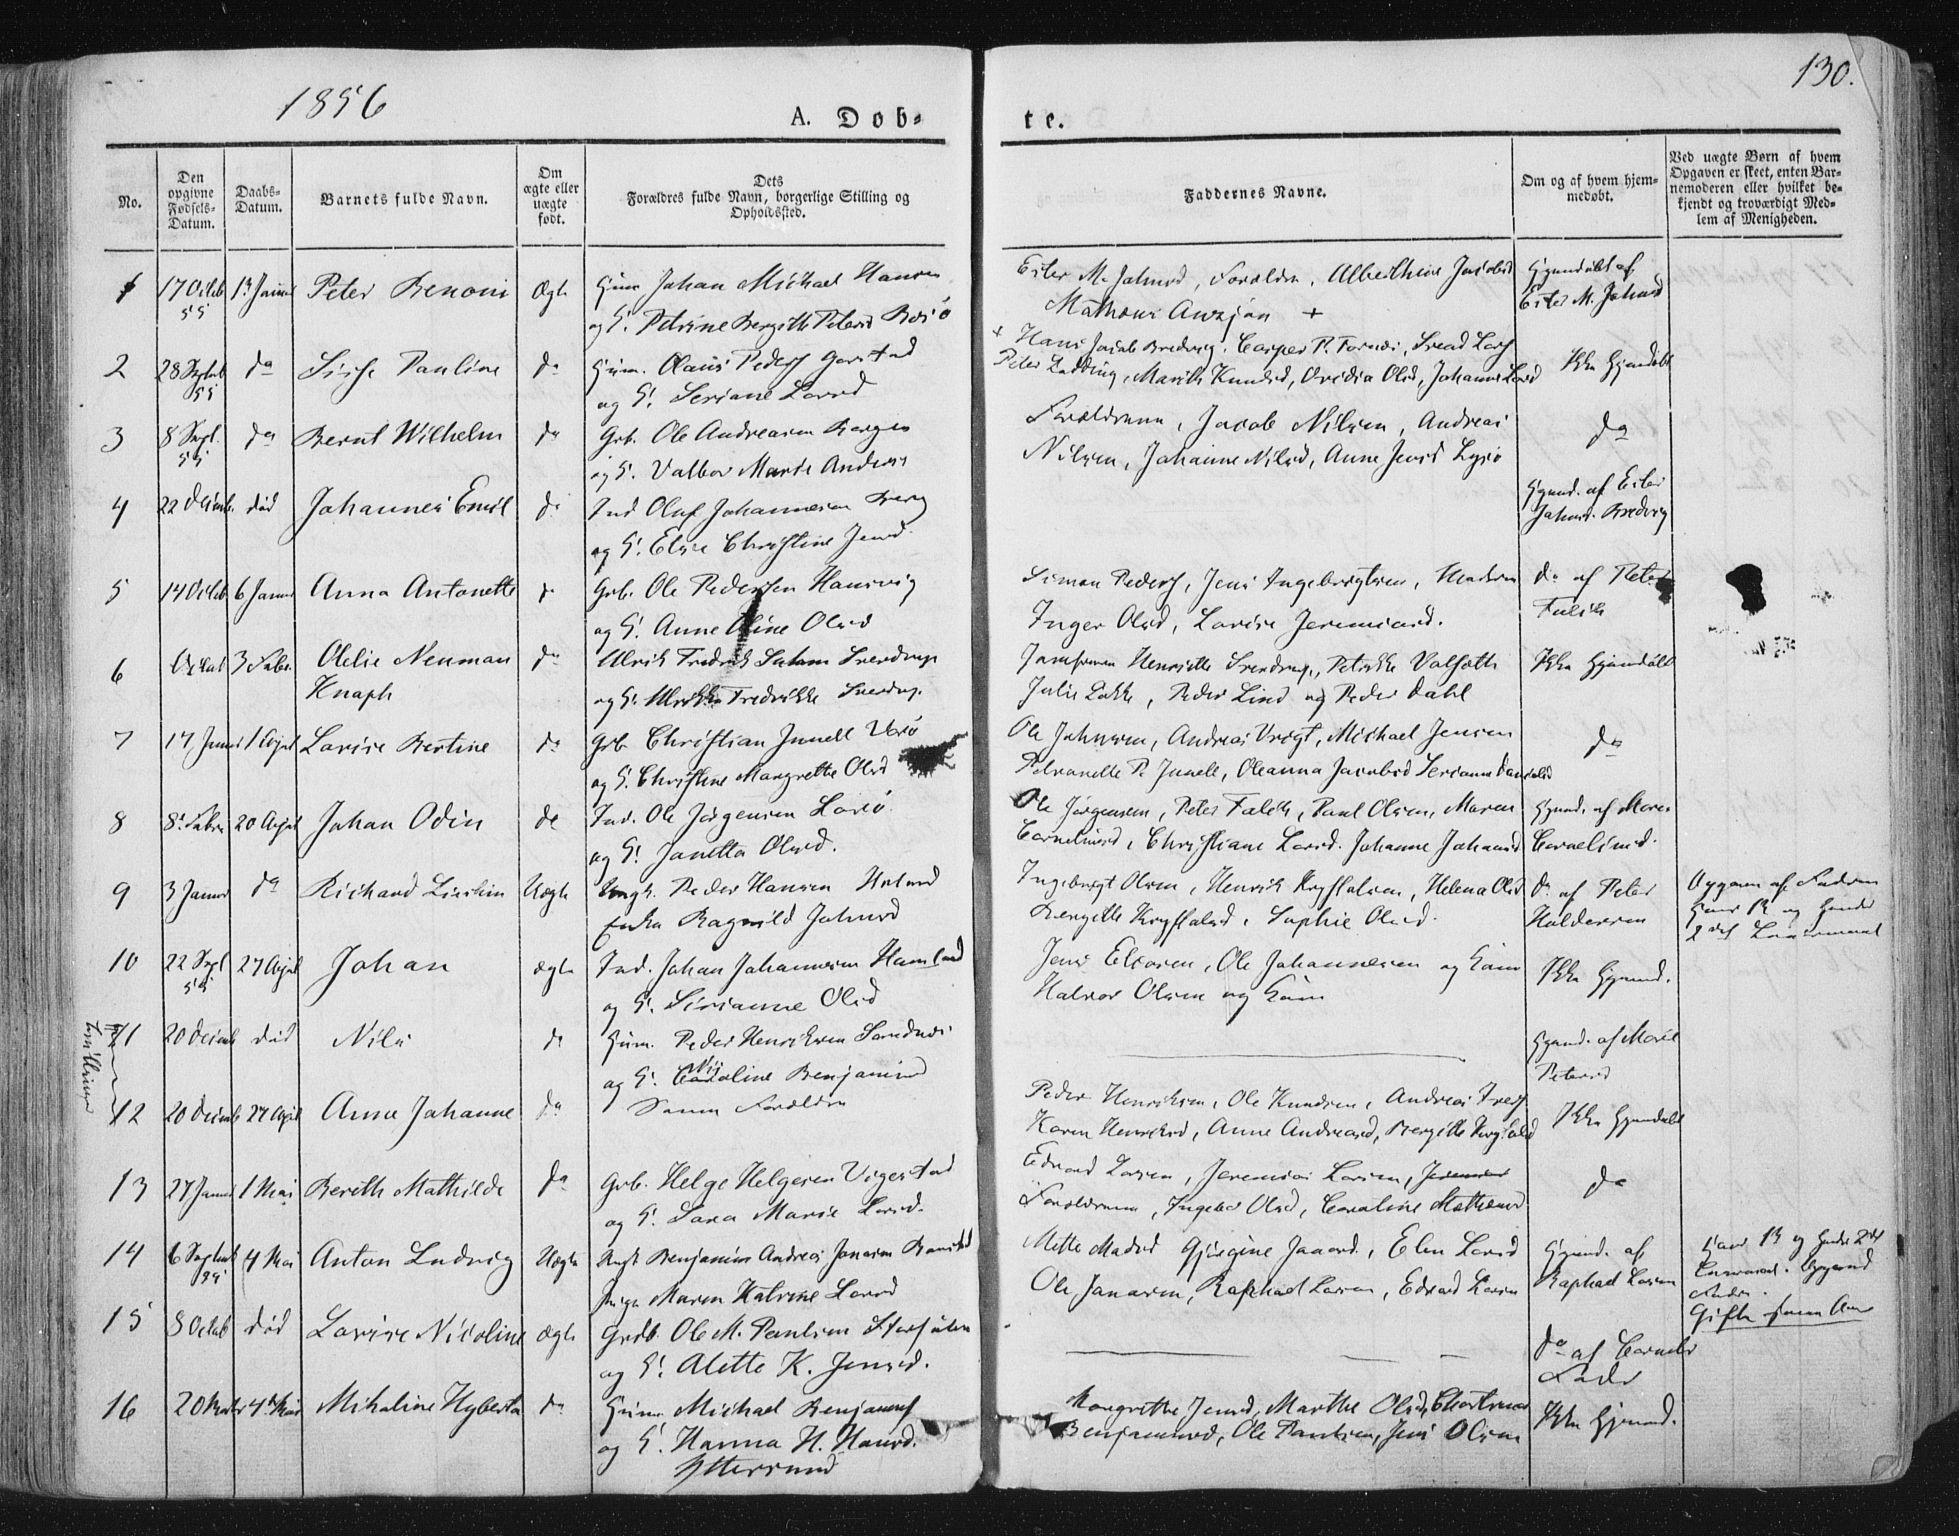 SAT, Ministerialprotokoller, klokkerbøker og fødselsregistre - Nord-Trøndelag, 784/L0669: Ministerialbok nr. 784A04, 1829-1859, s. 130